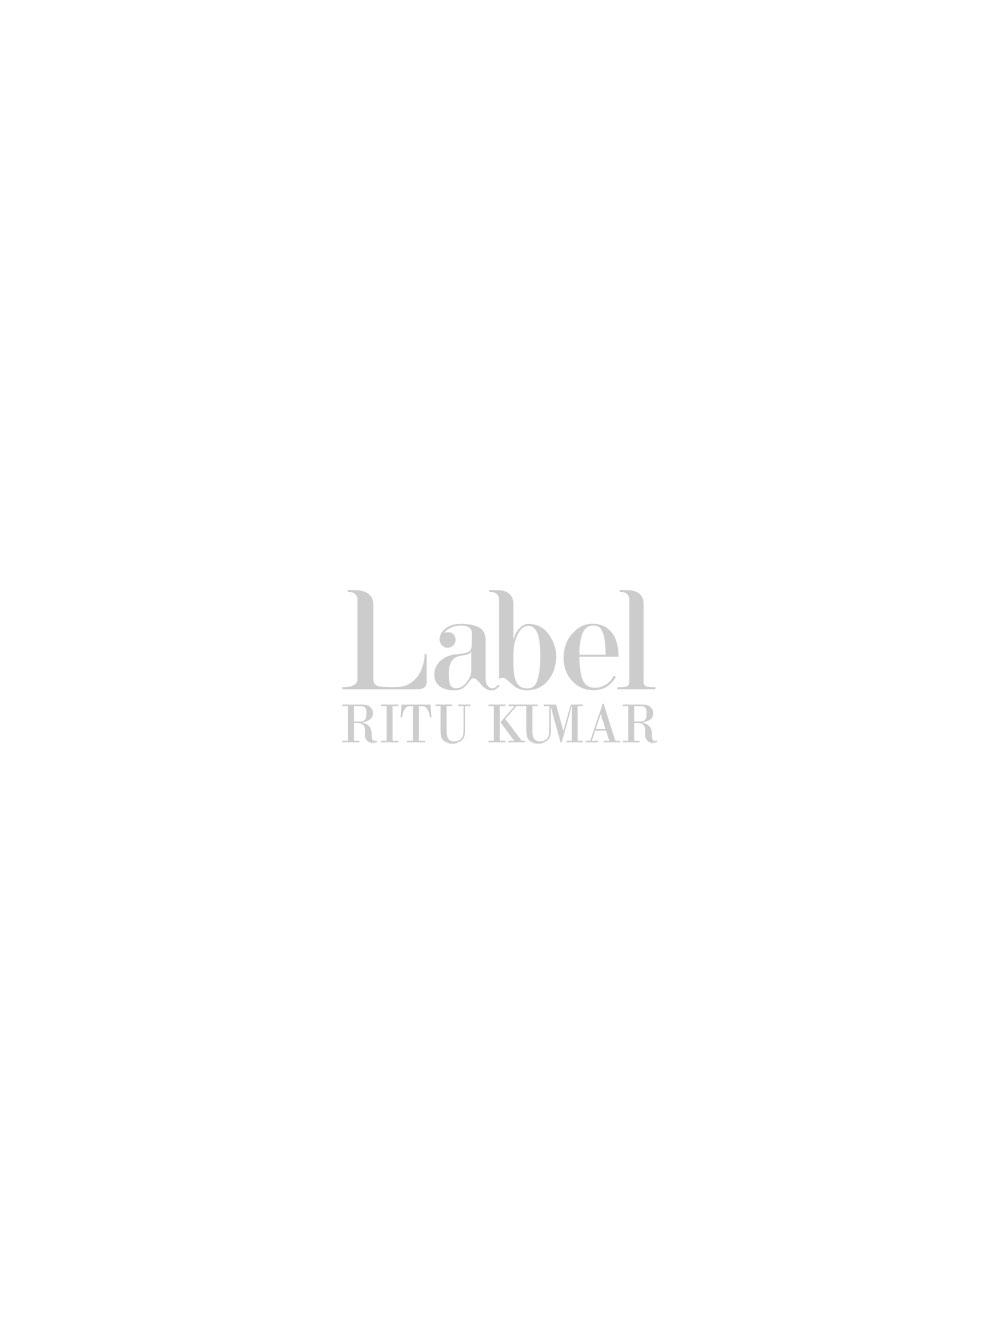 Khaki Sleeveless Top in Signature Label Ritu Kumar Print